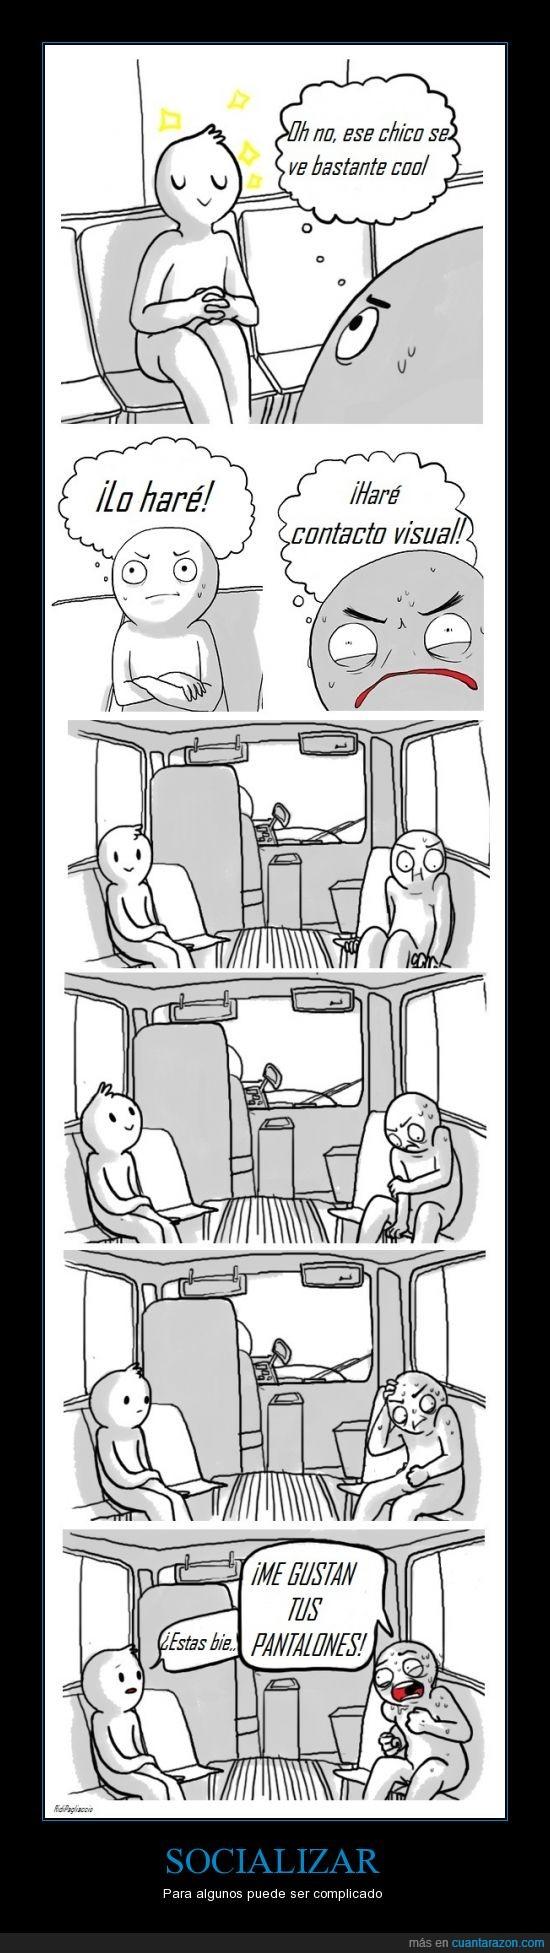 amistades,autobus,dificil,metro,socializar